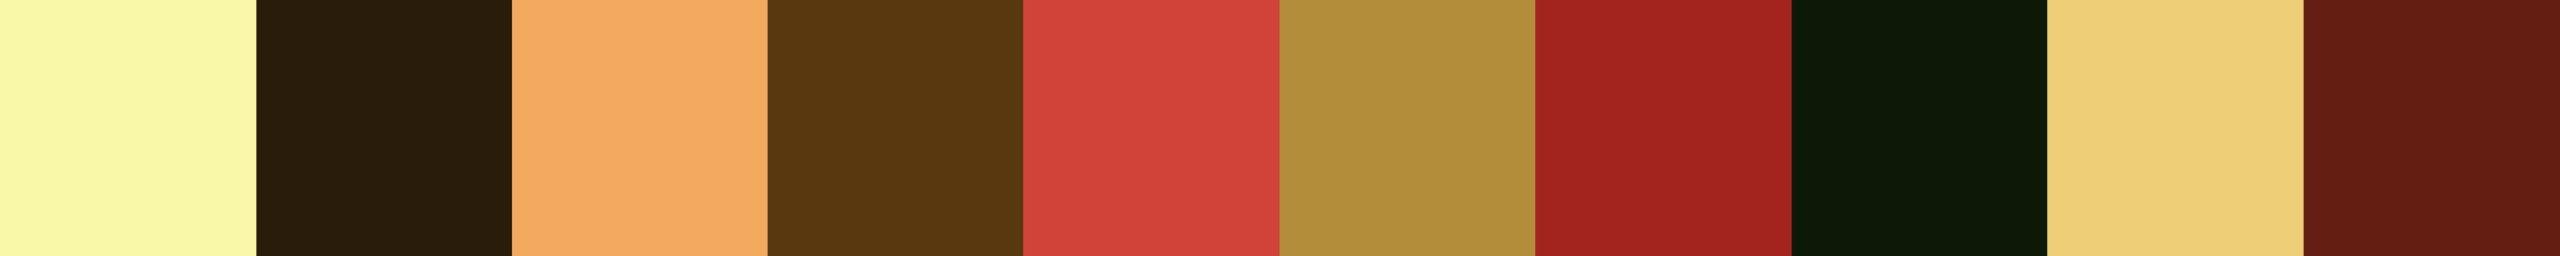 477 Vermel Color Palette